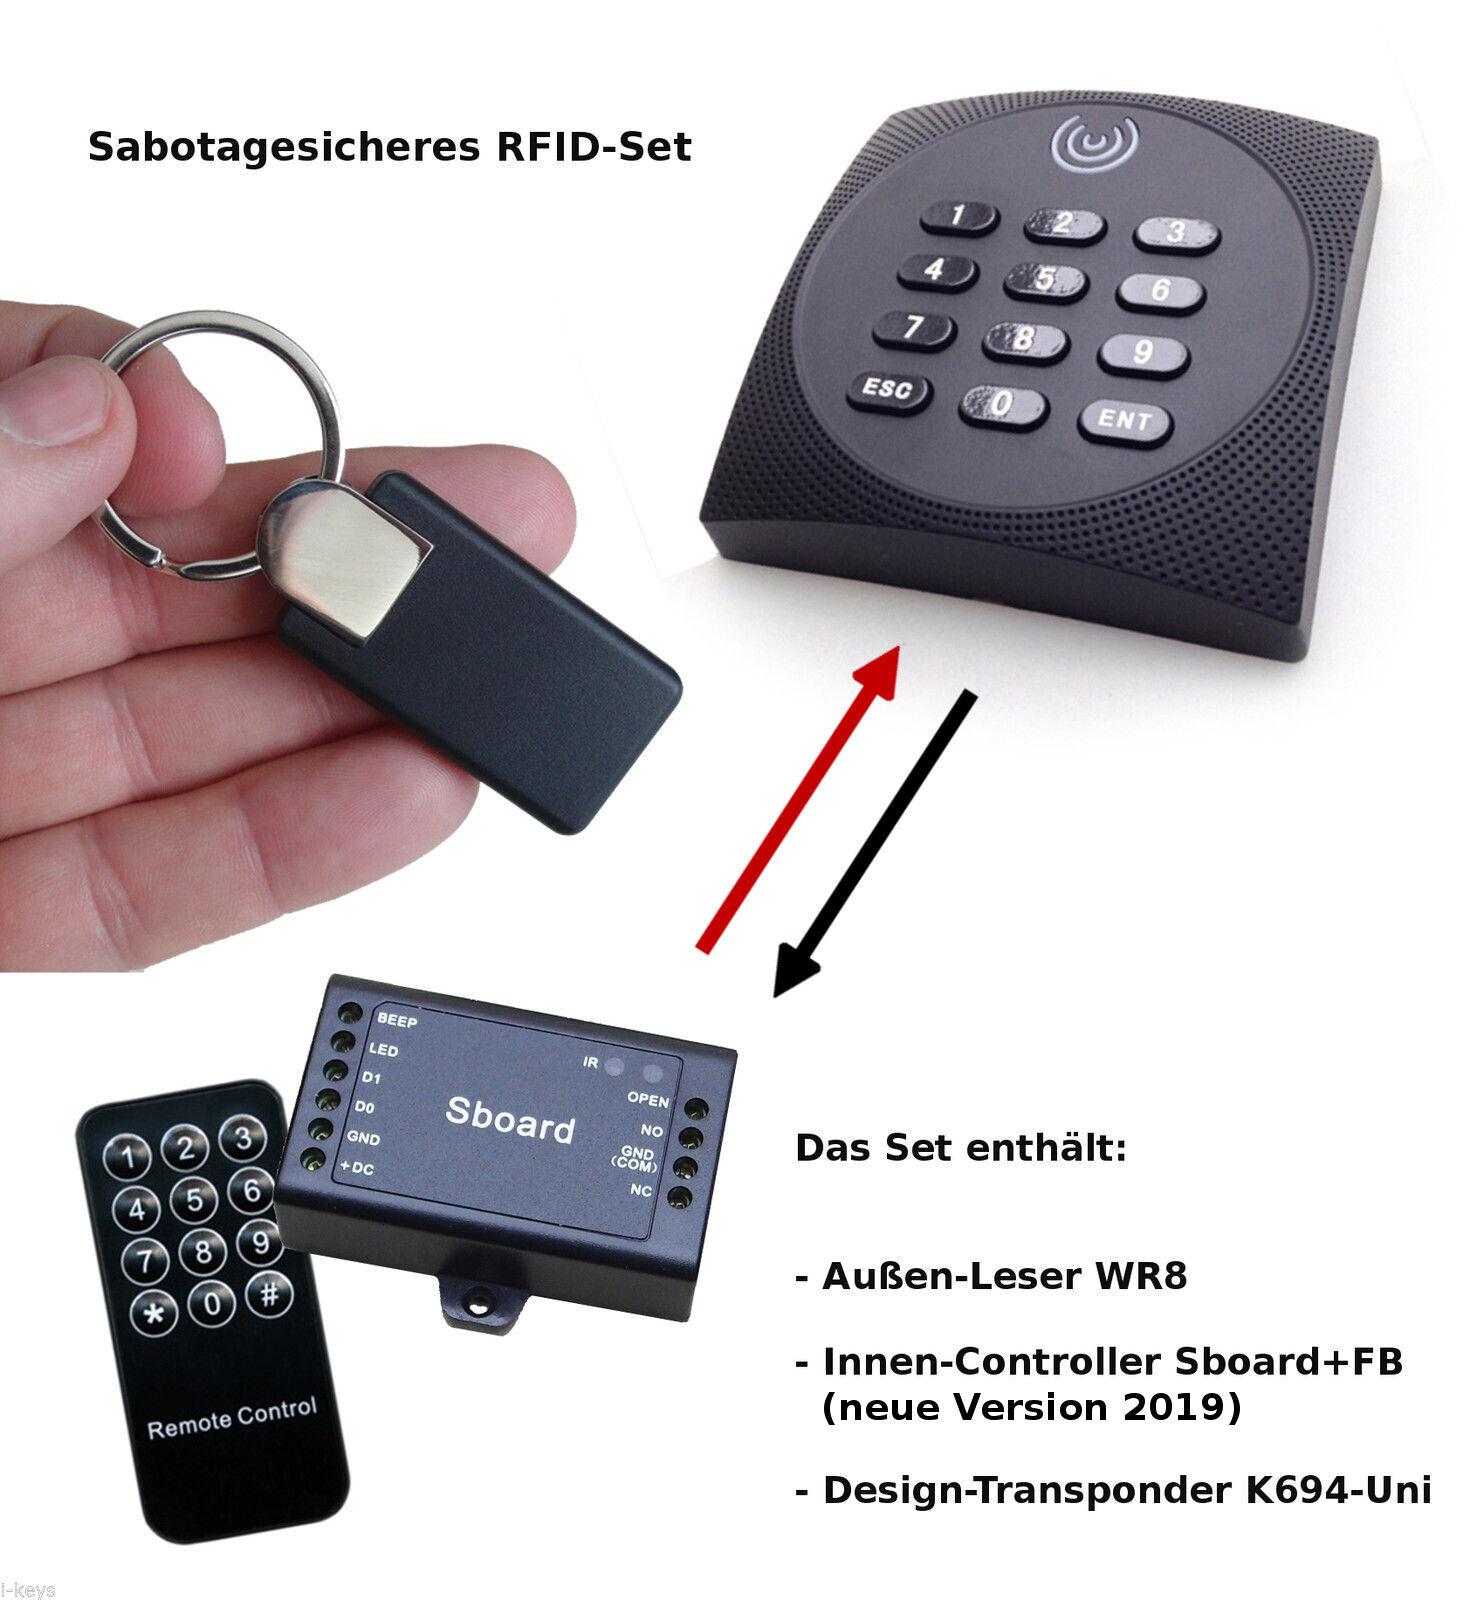 Profi-Codeschloss innen außen, sabotagesicher, RFID PIN, IP65, Sboard-Controller | München Online Shop  | Sonderkauf  | Modern Und Elegant  | 2019